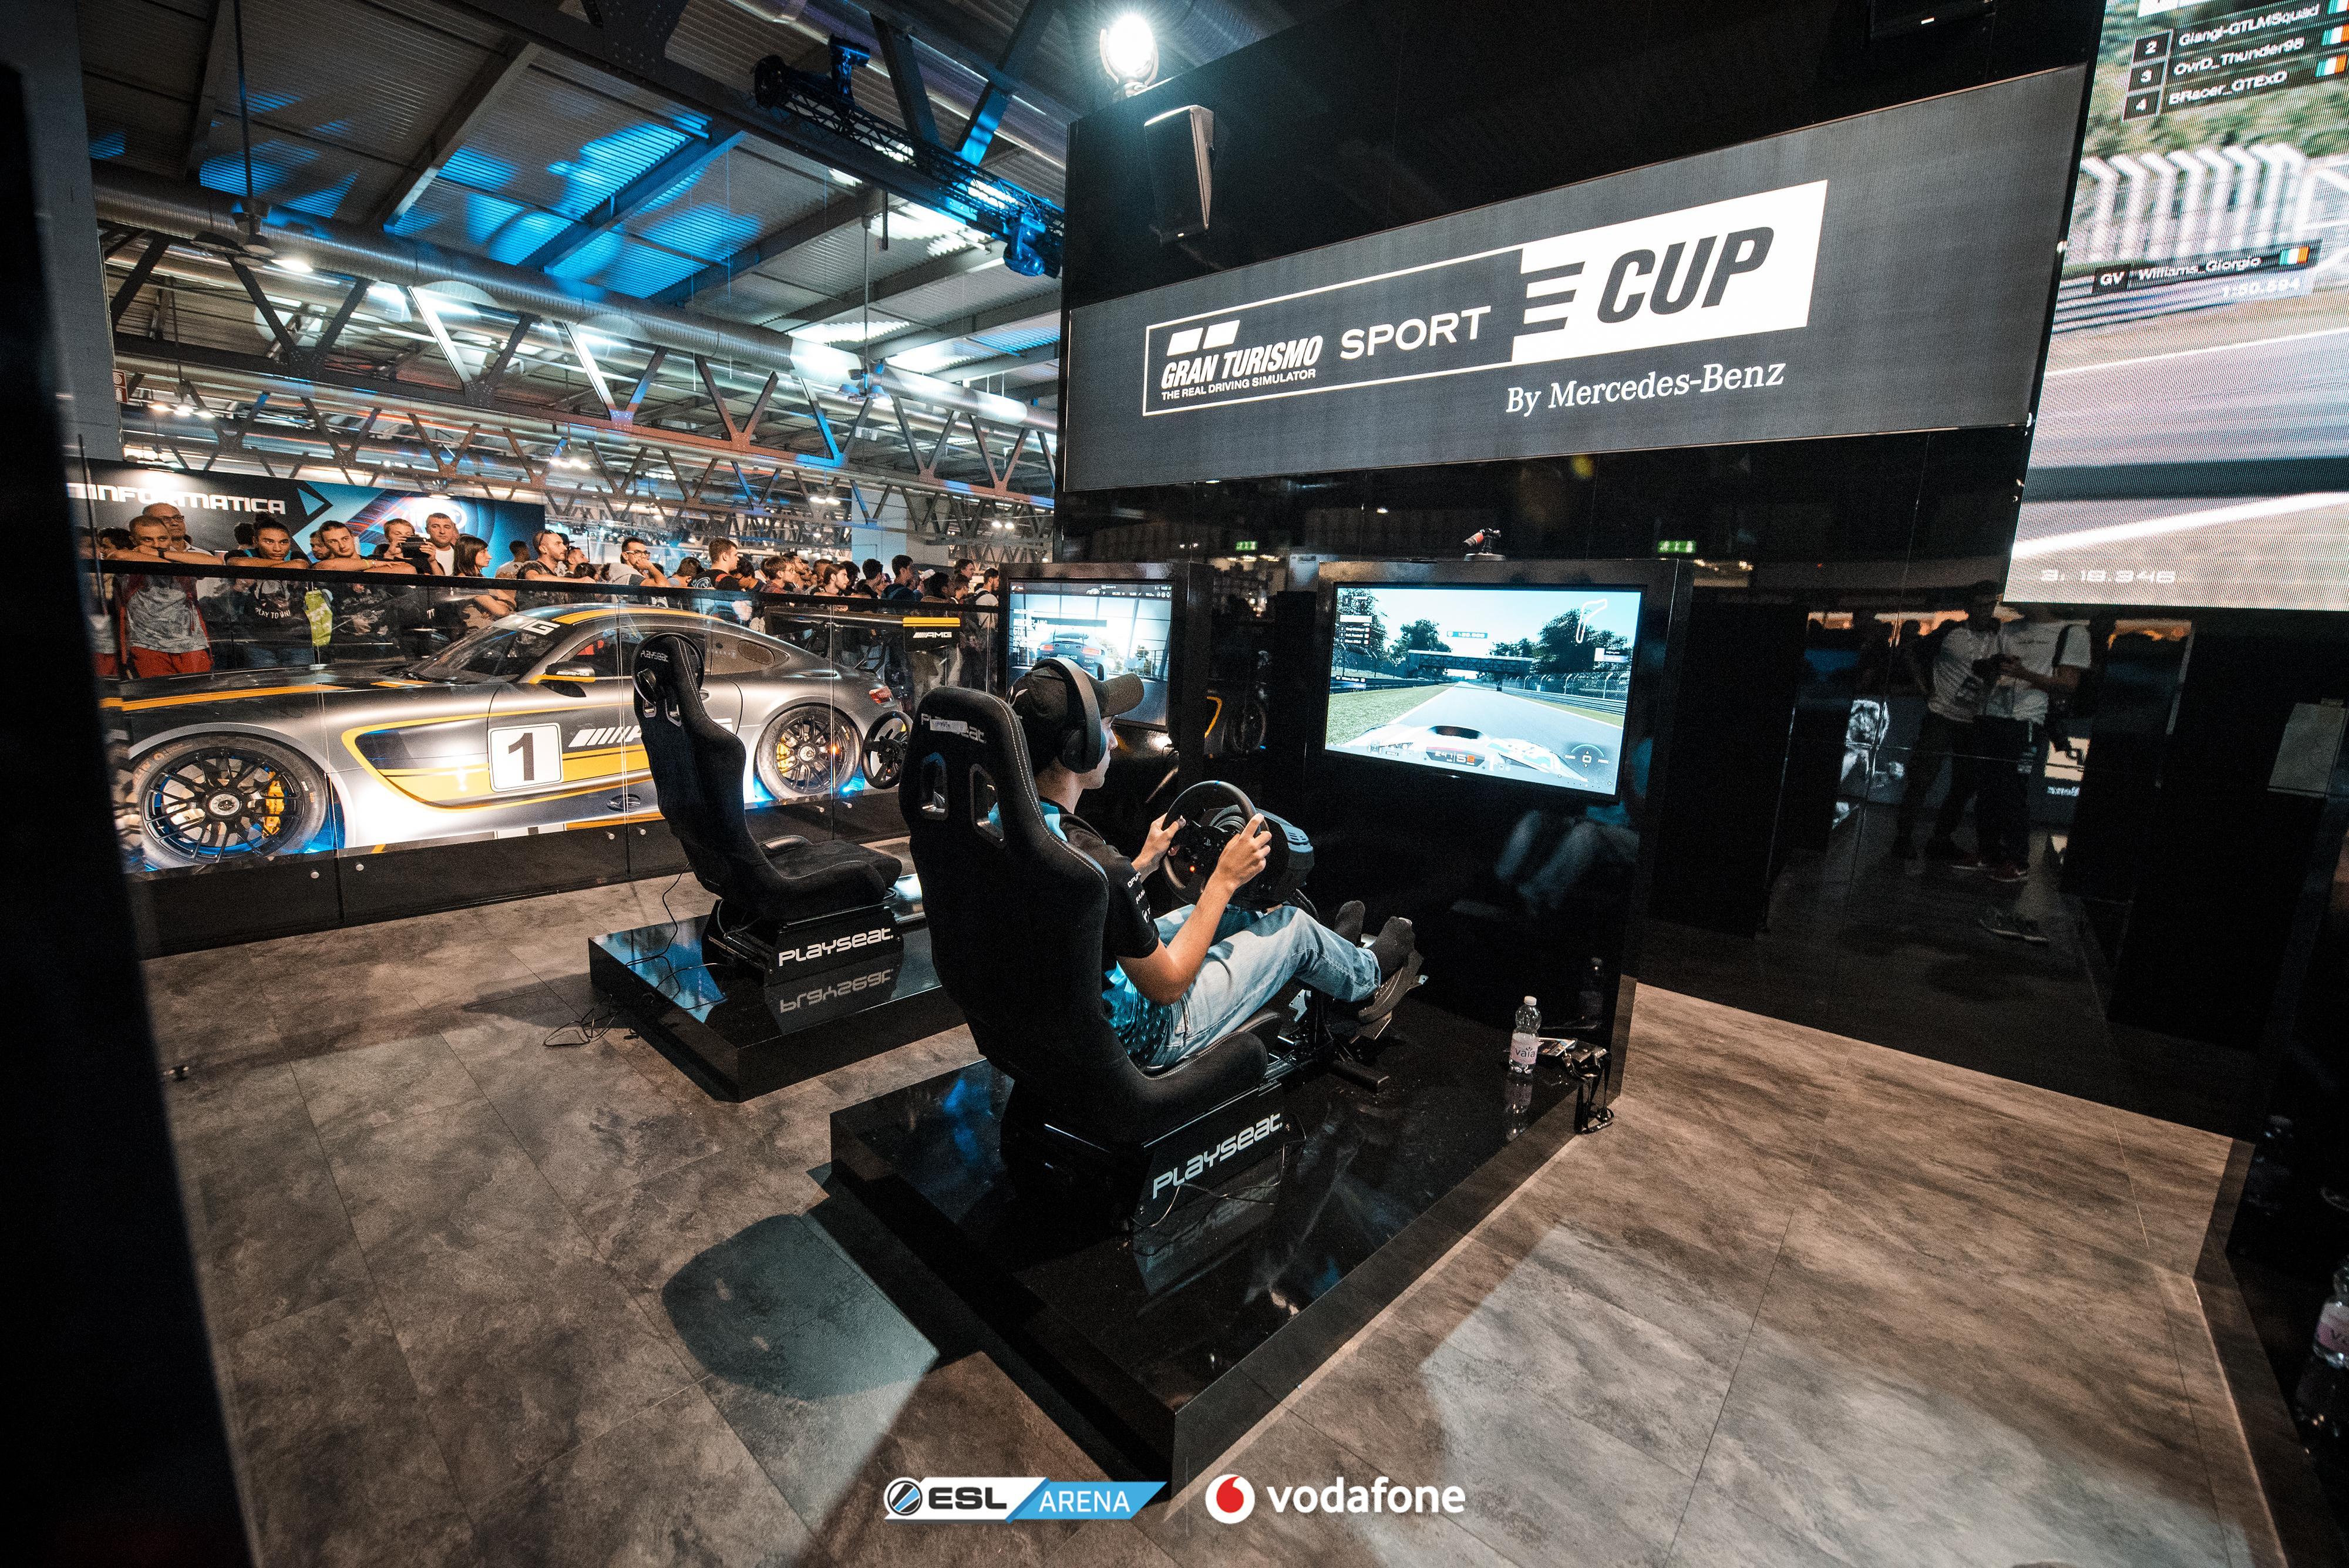 GT Sport e-Cup by Mercedes-Benz: Scalda i motori!